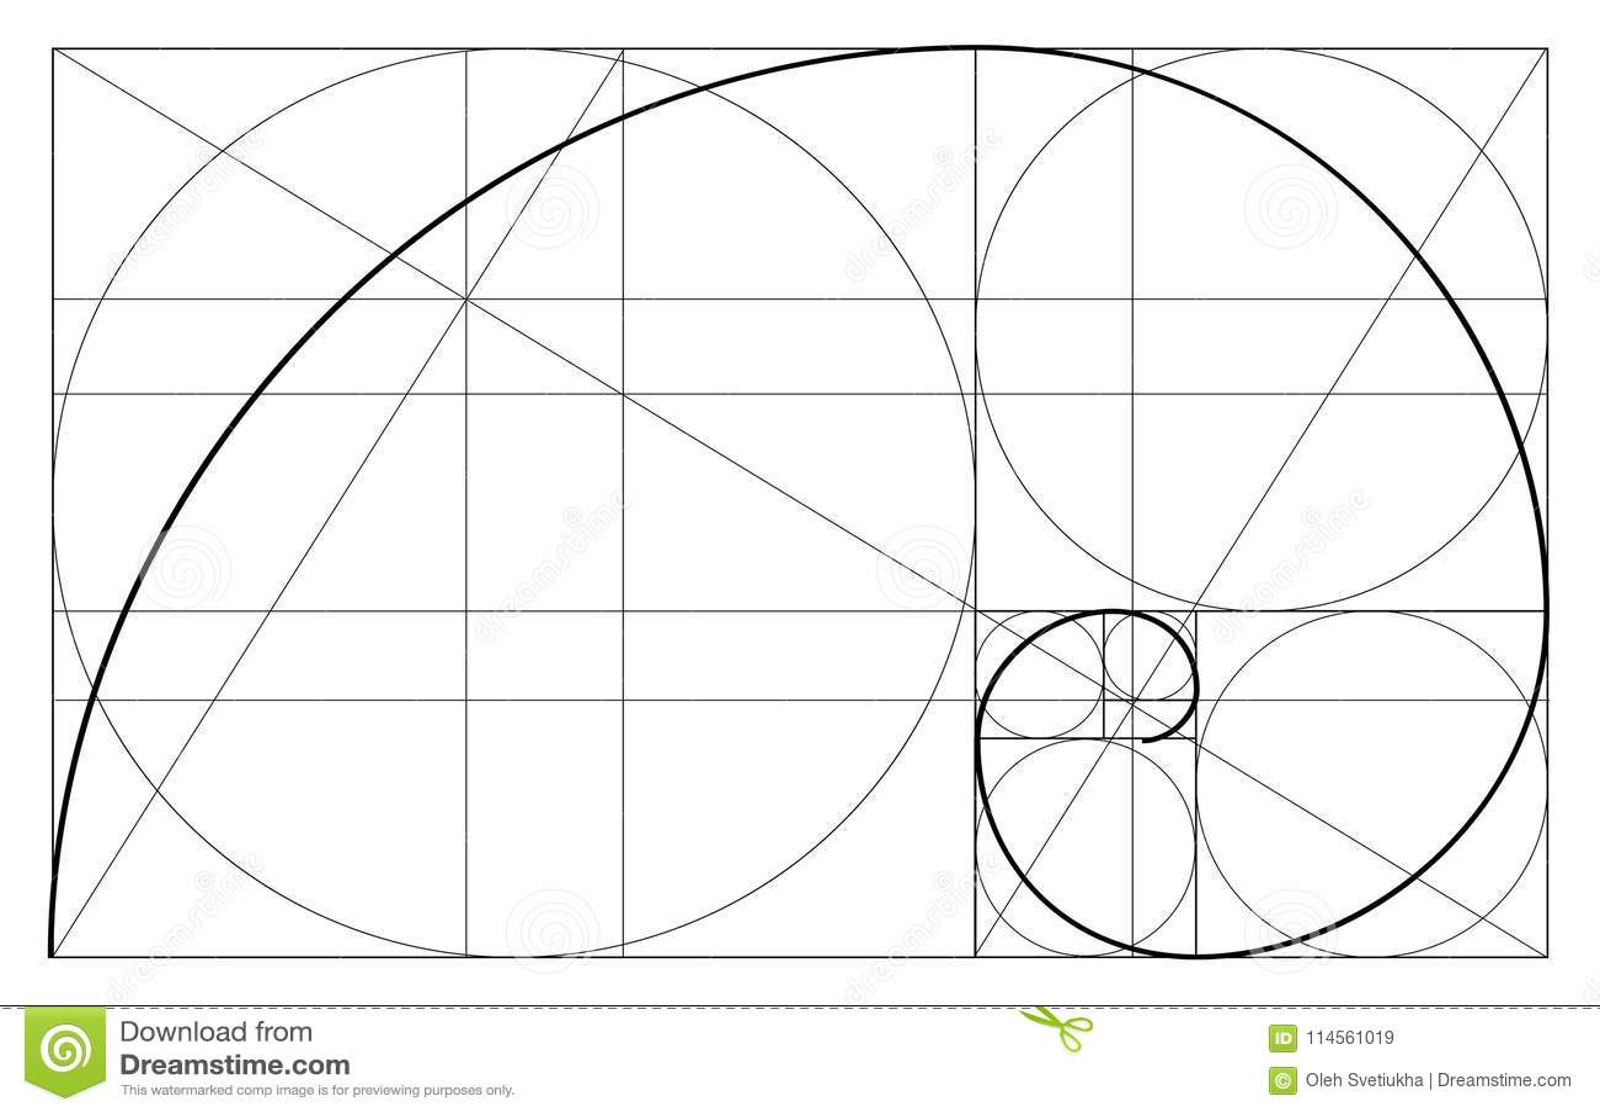 Дизайн минималистичного стиля золотистый коэффициент геометрические формы Круги в золотой пропорции Футуристическая конструкция л